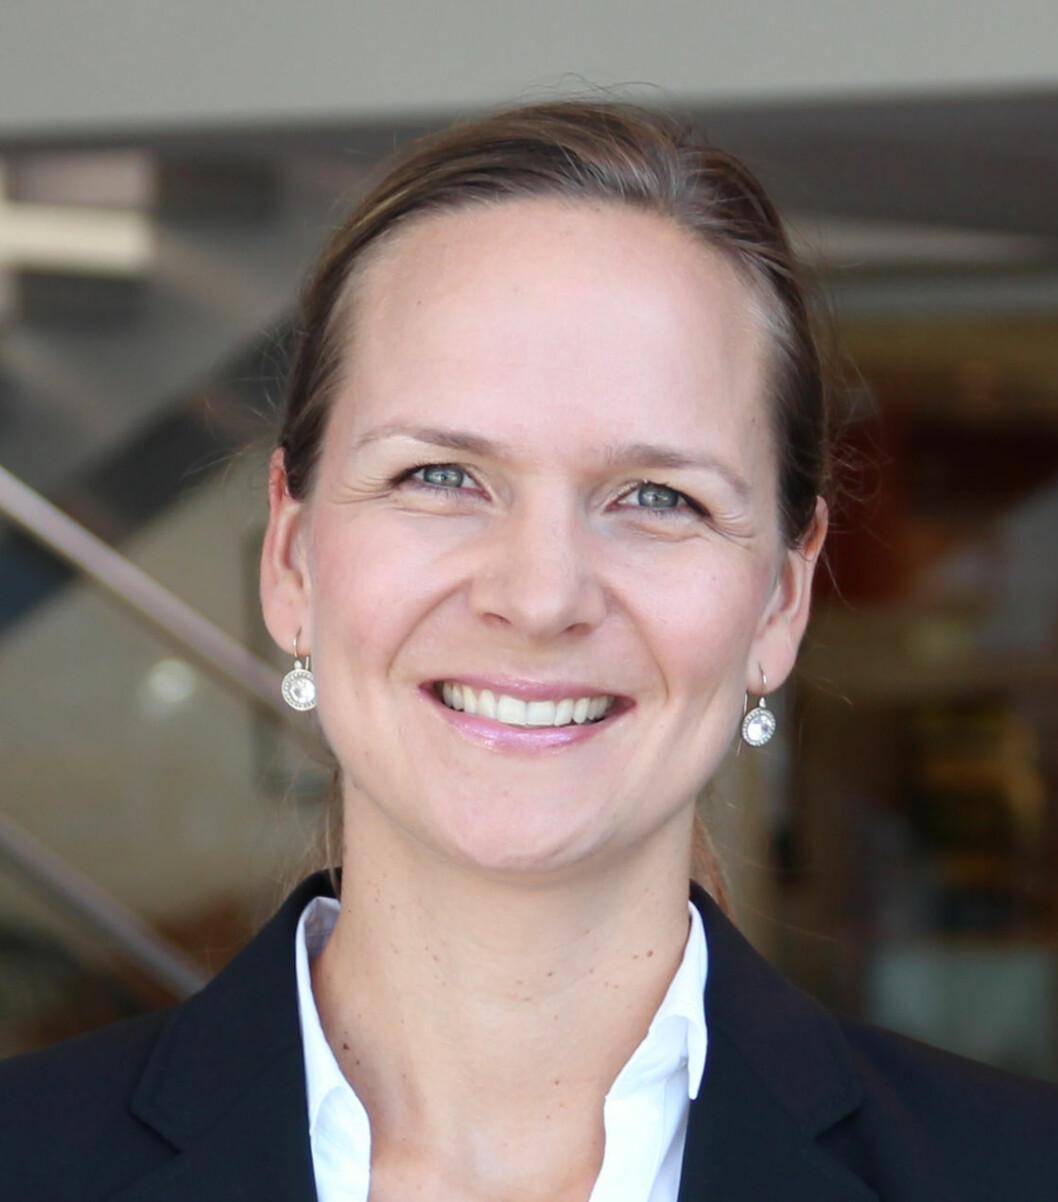 TAUS INNTIL VIDERE: Elin Sinervo, direktør for Audi Norge.